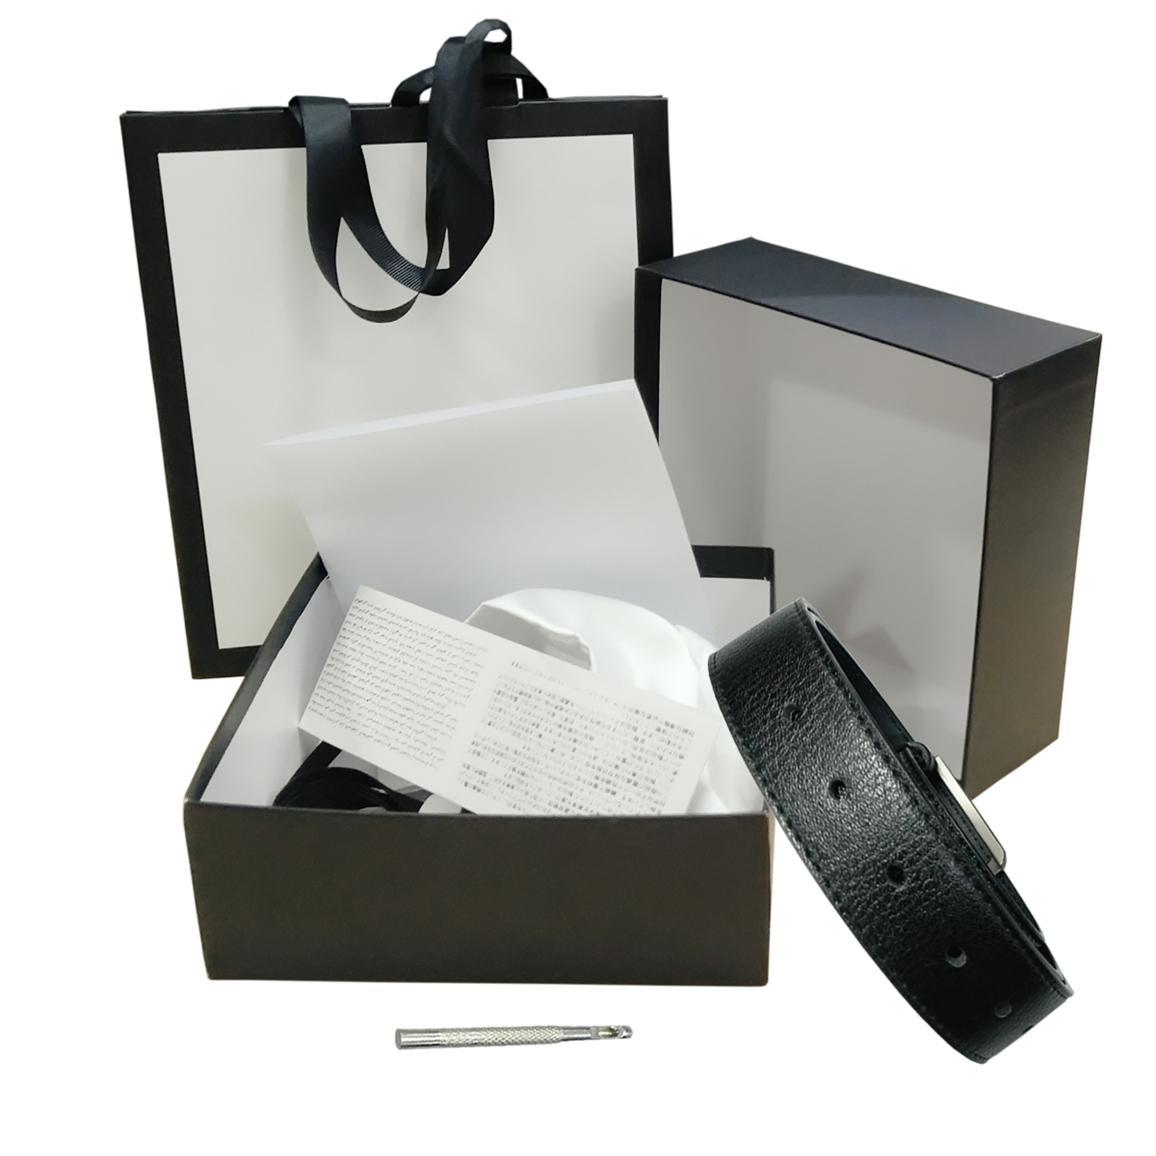 أحزمة إمرأة رجل حزام اسود جلد طبيعي الذهب السلس مشبك مع صندوق أبيض أبيض غبار حقيبة بطاقة الأبيض هدية حقيبة أسود 64 8512